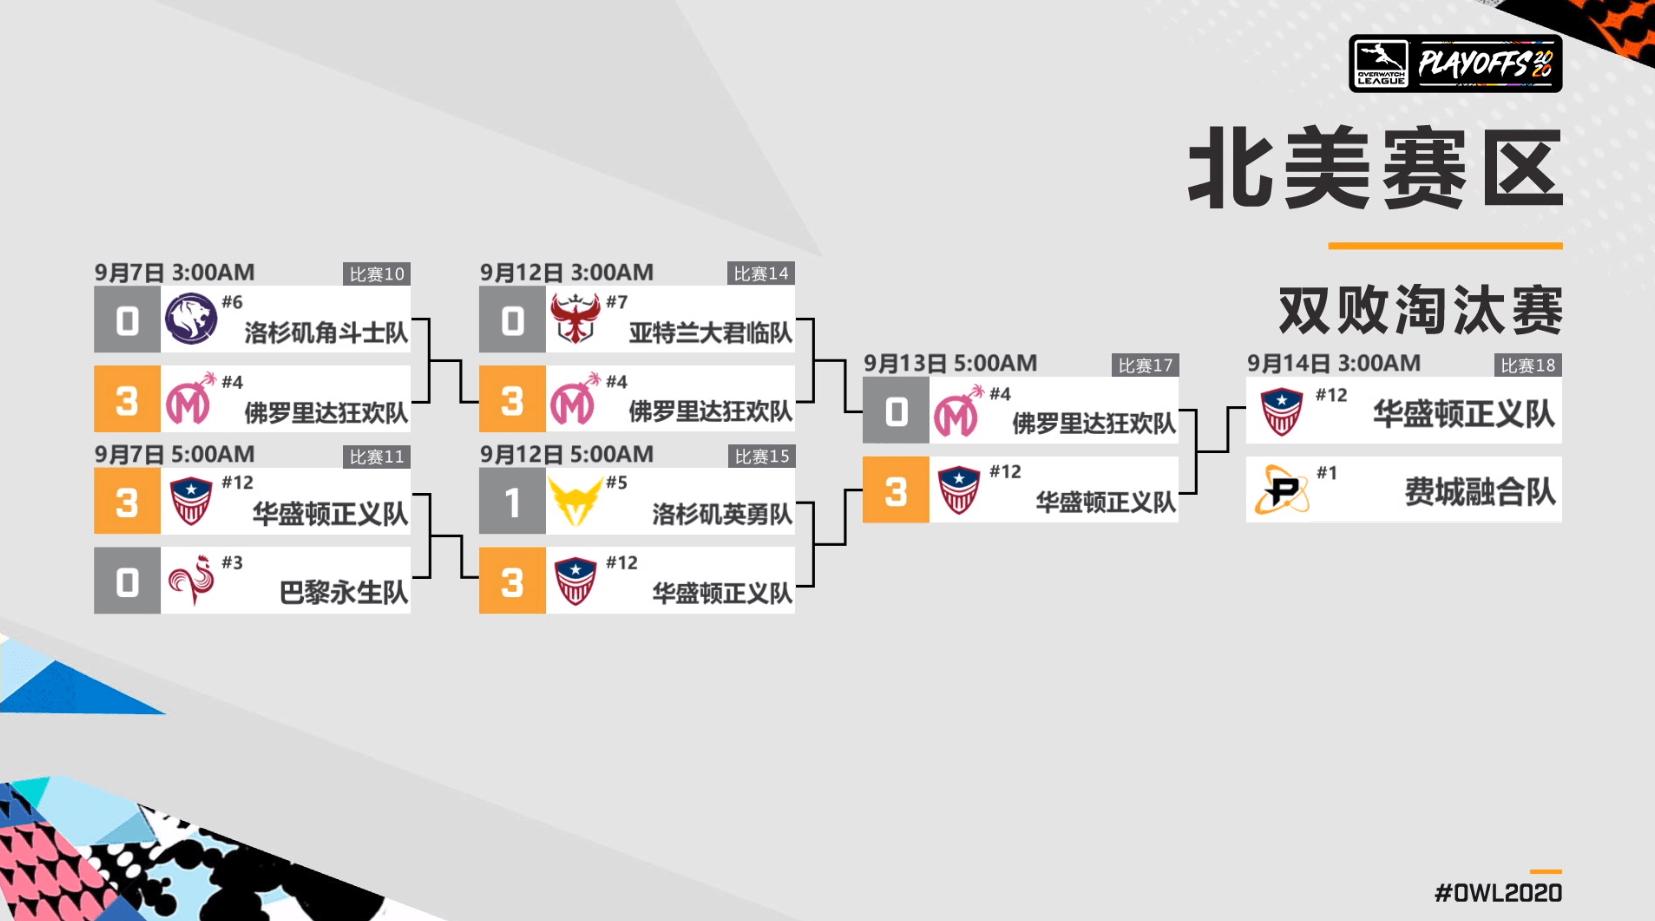 守望先锋季后赛周末北美赛区和亚洲赛区的获胜队伍出炉